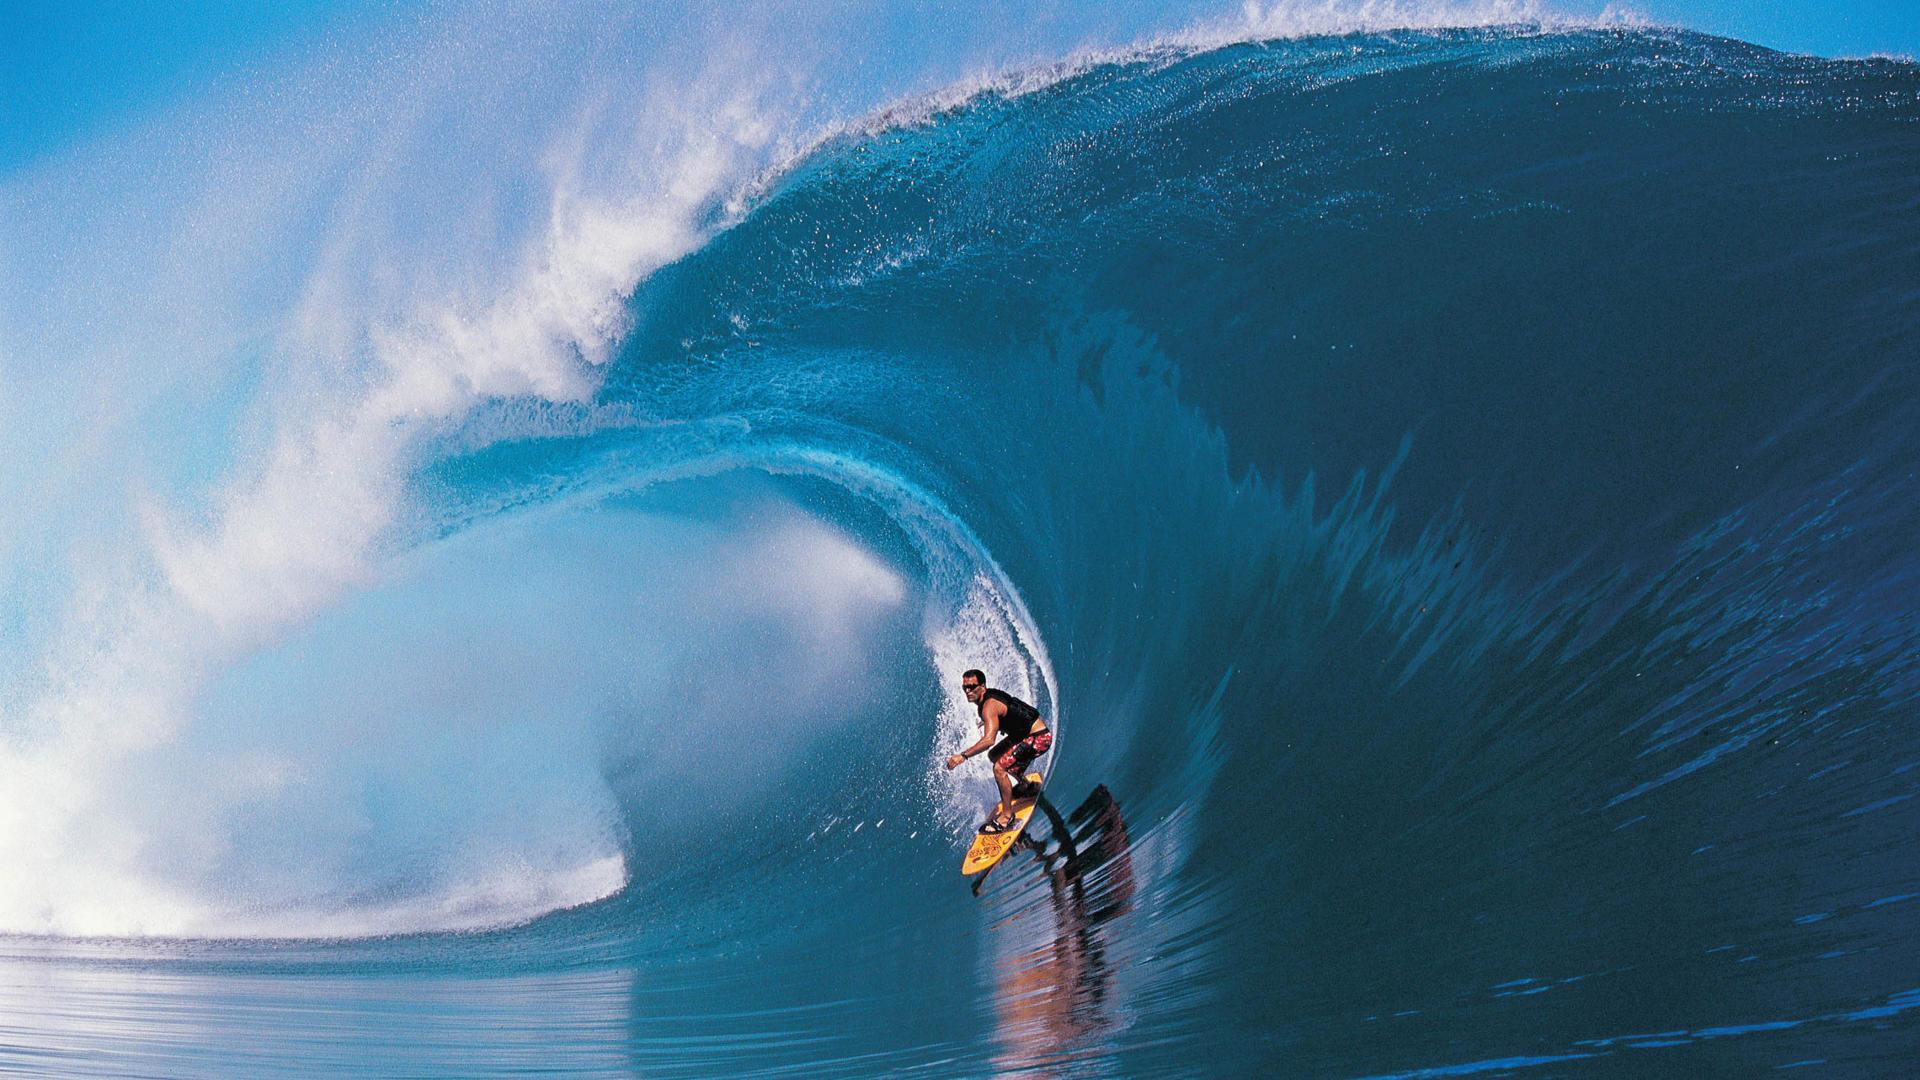 tahiti, wave, surf wallpaper   HD Desktop Wallpapers